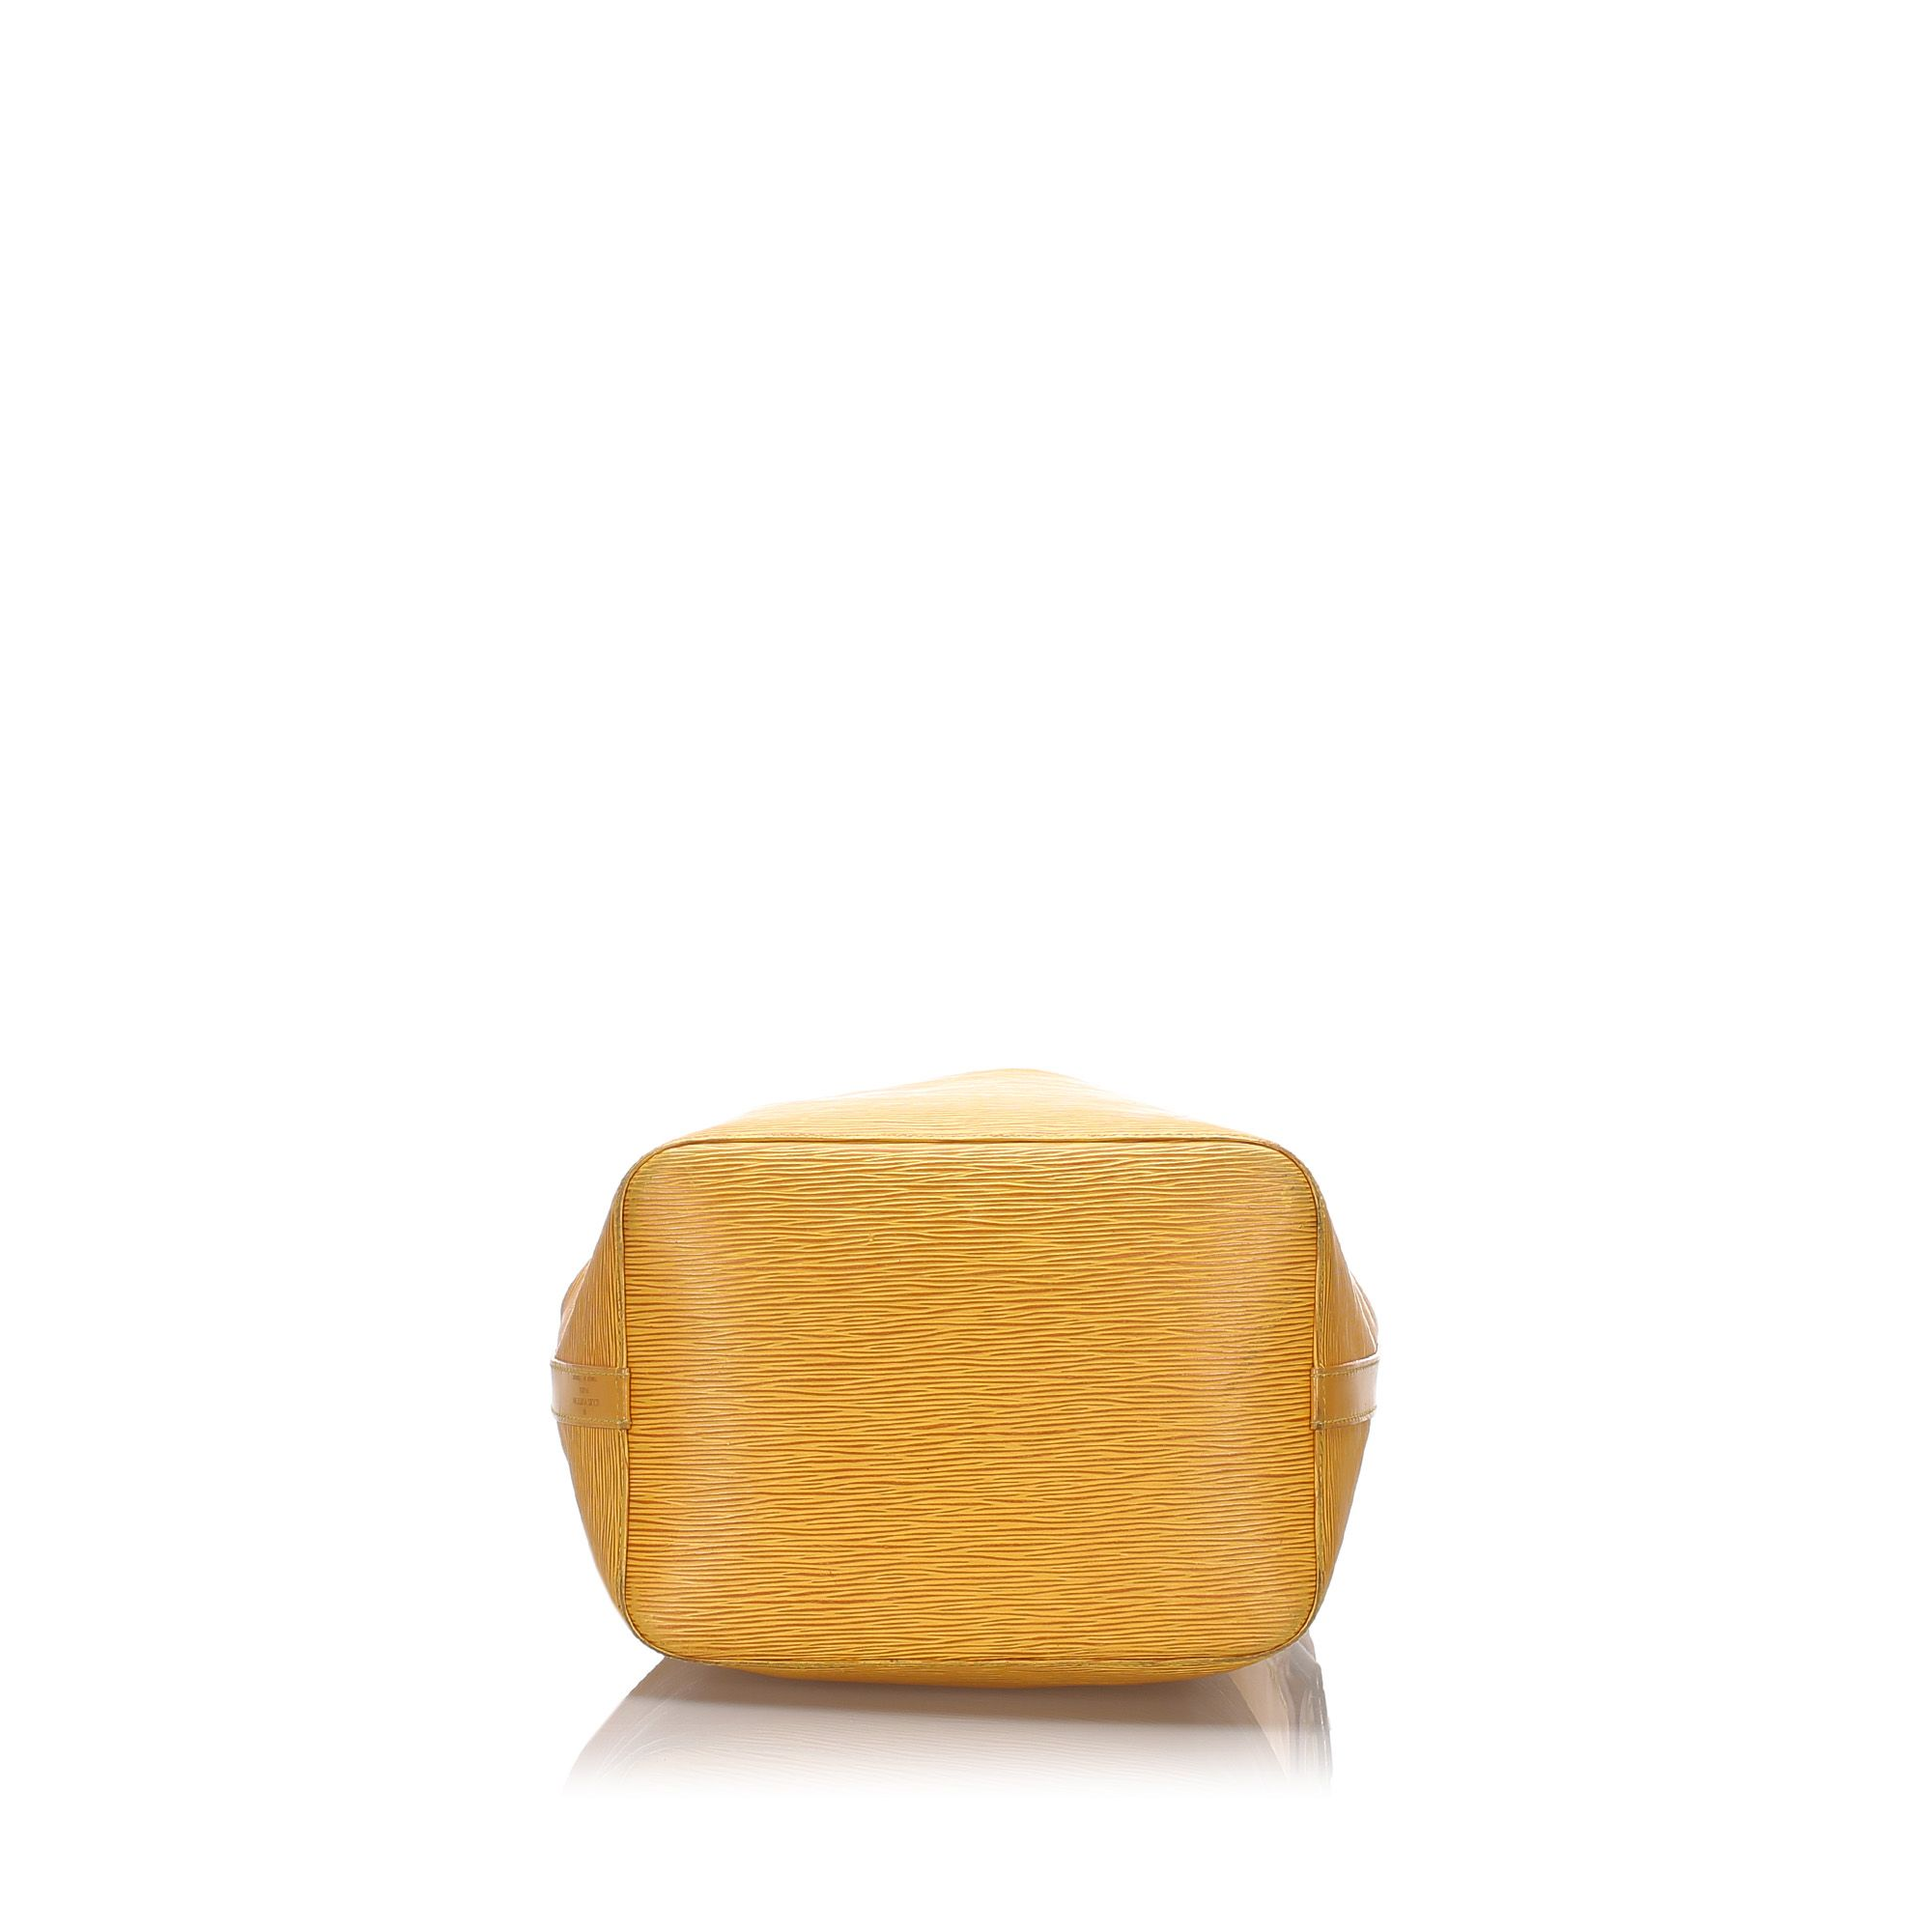 Vintage Louis Vuitton Epi Petit Noe Yellow